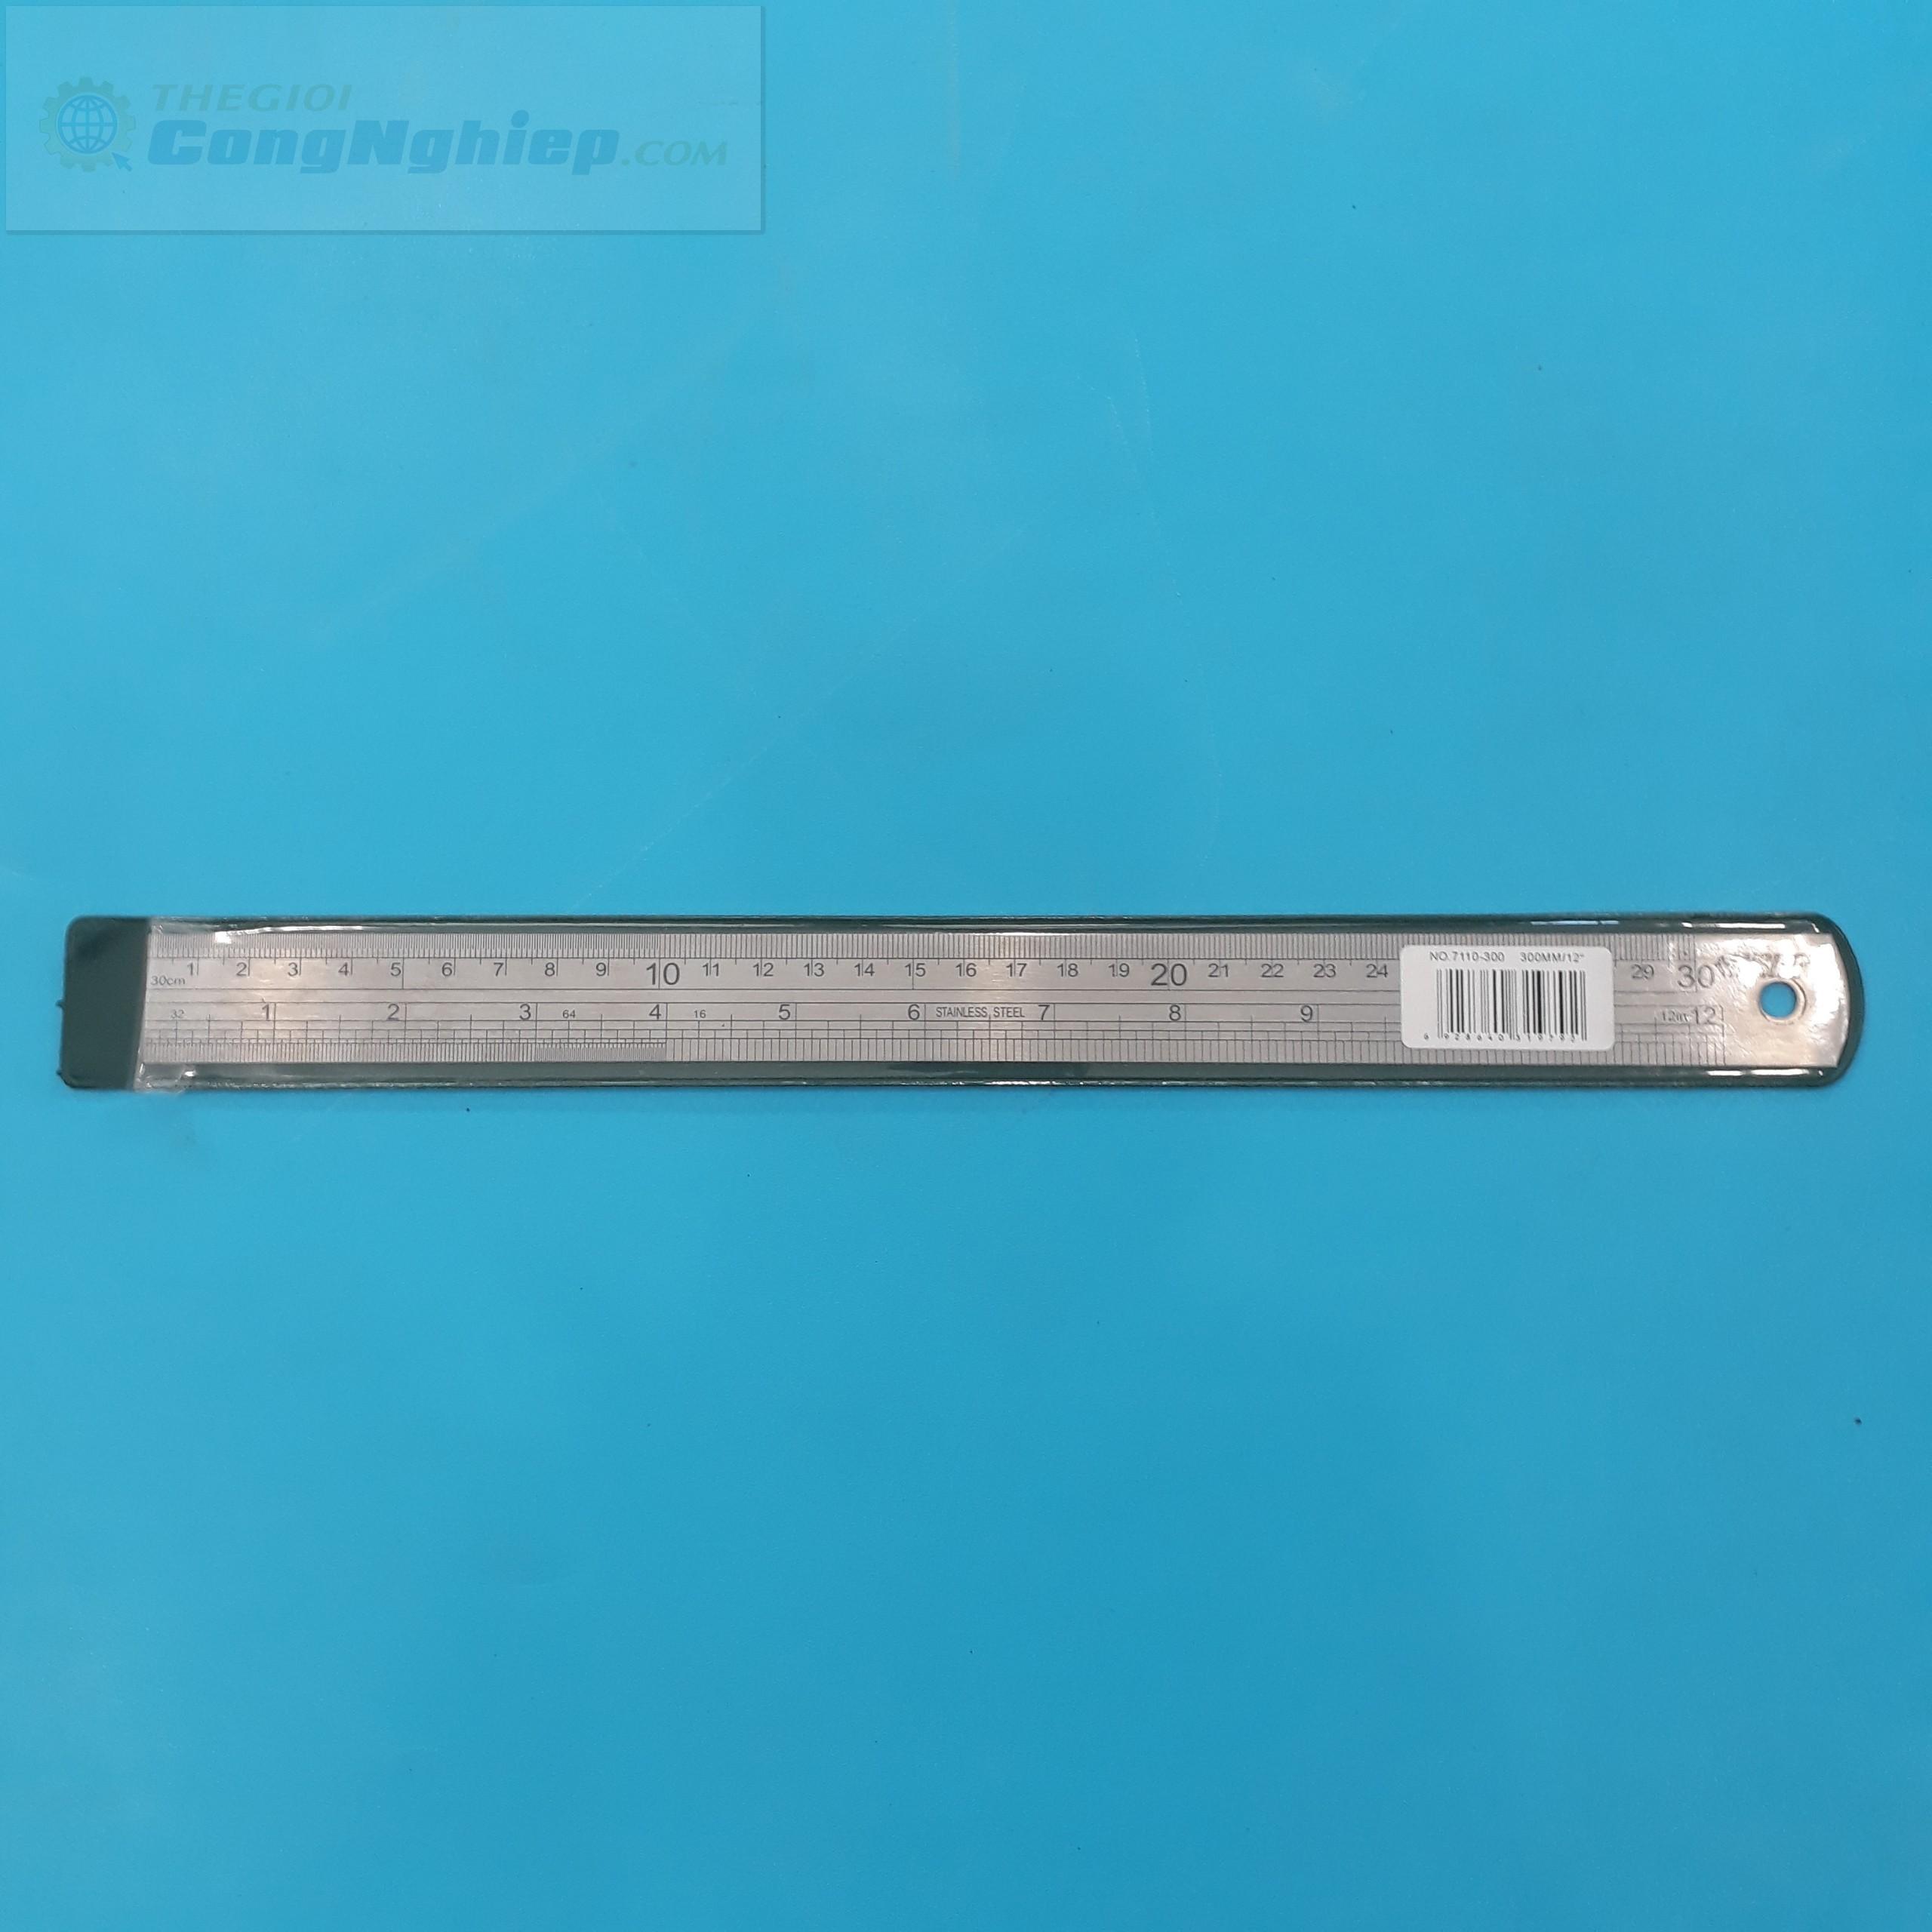 Thước lá thẳng 300mm  7110-300 Insize